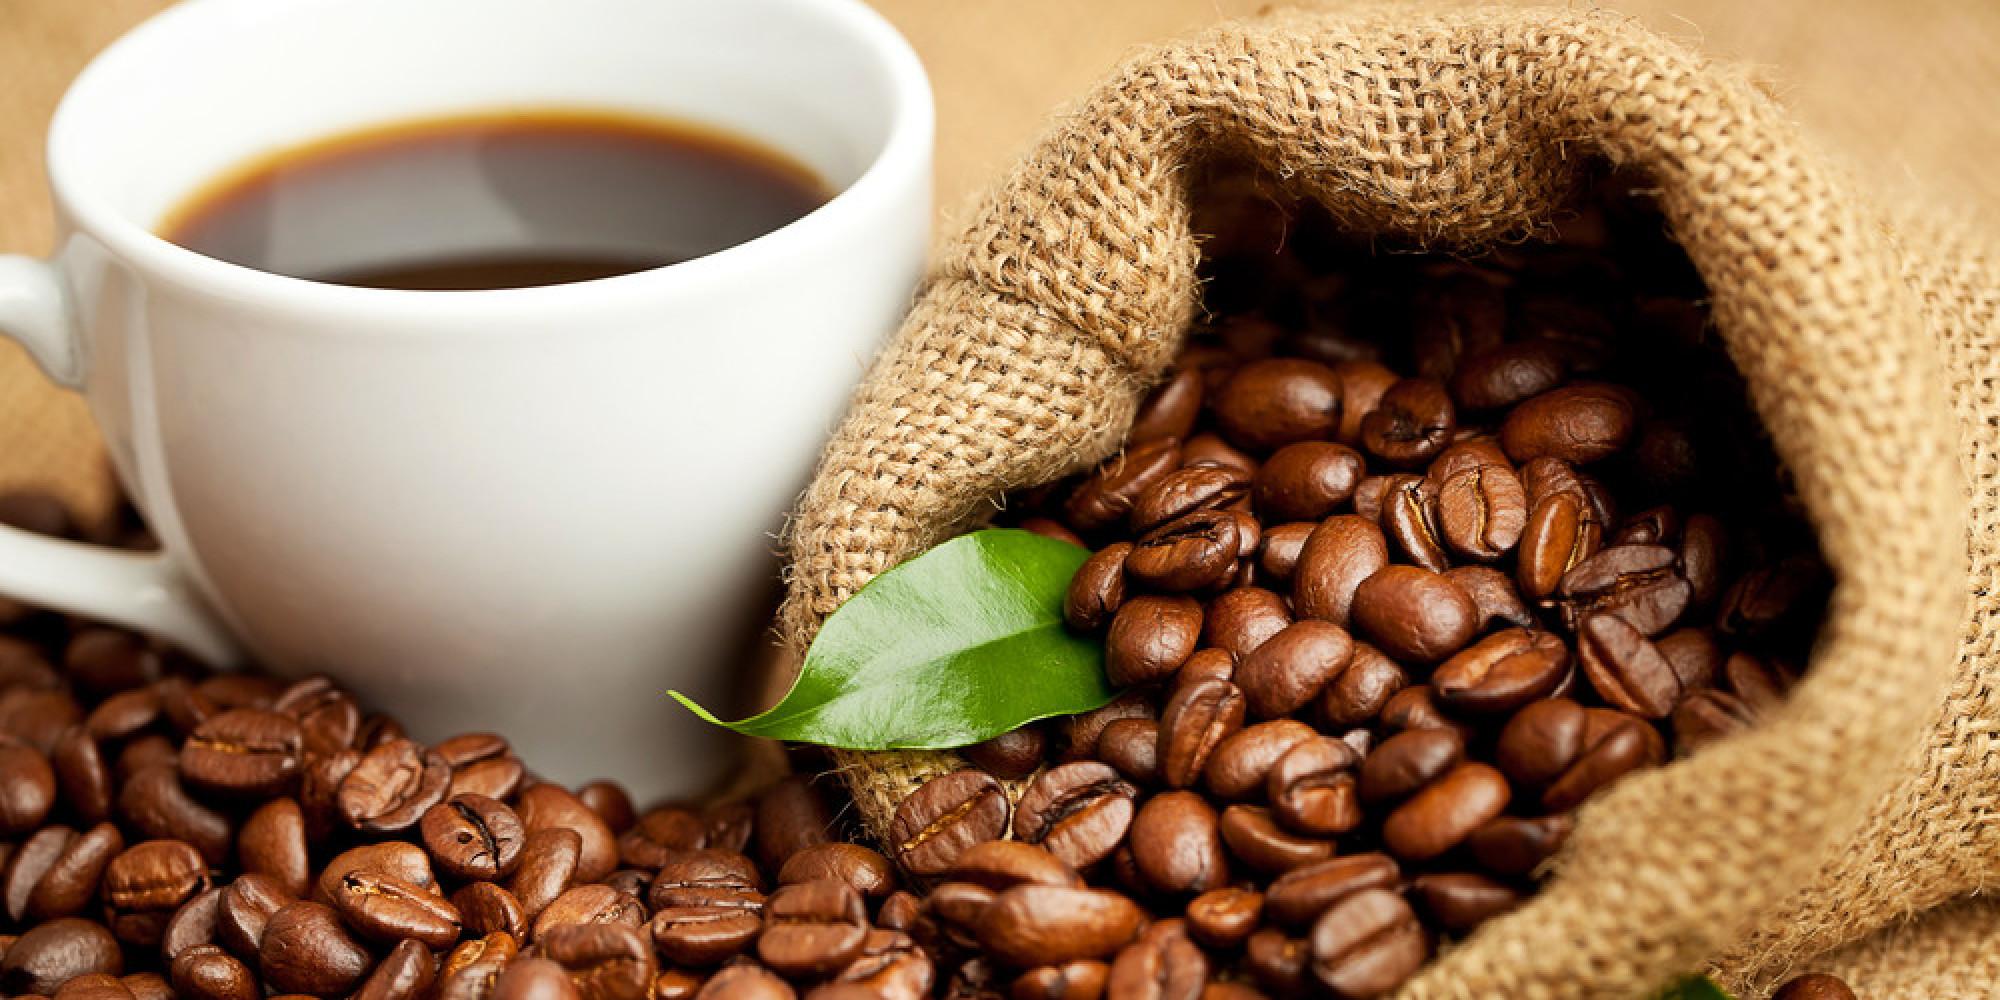 Kaffee: Morgens sollten sie zwischen 8 und 9 Uhr keinen